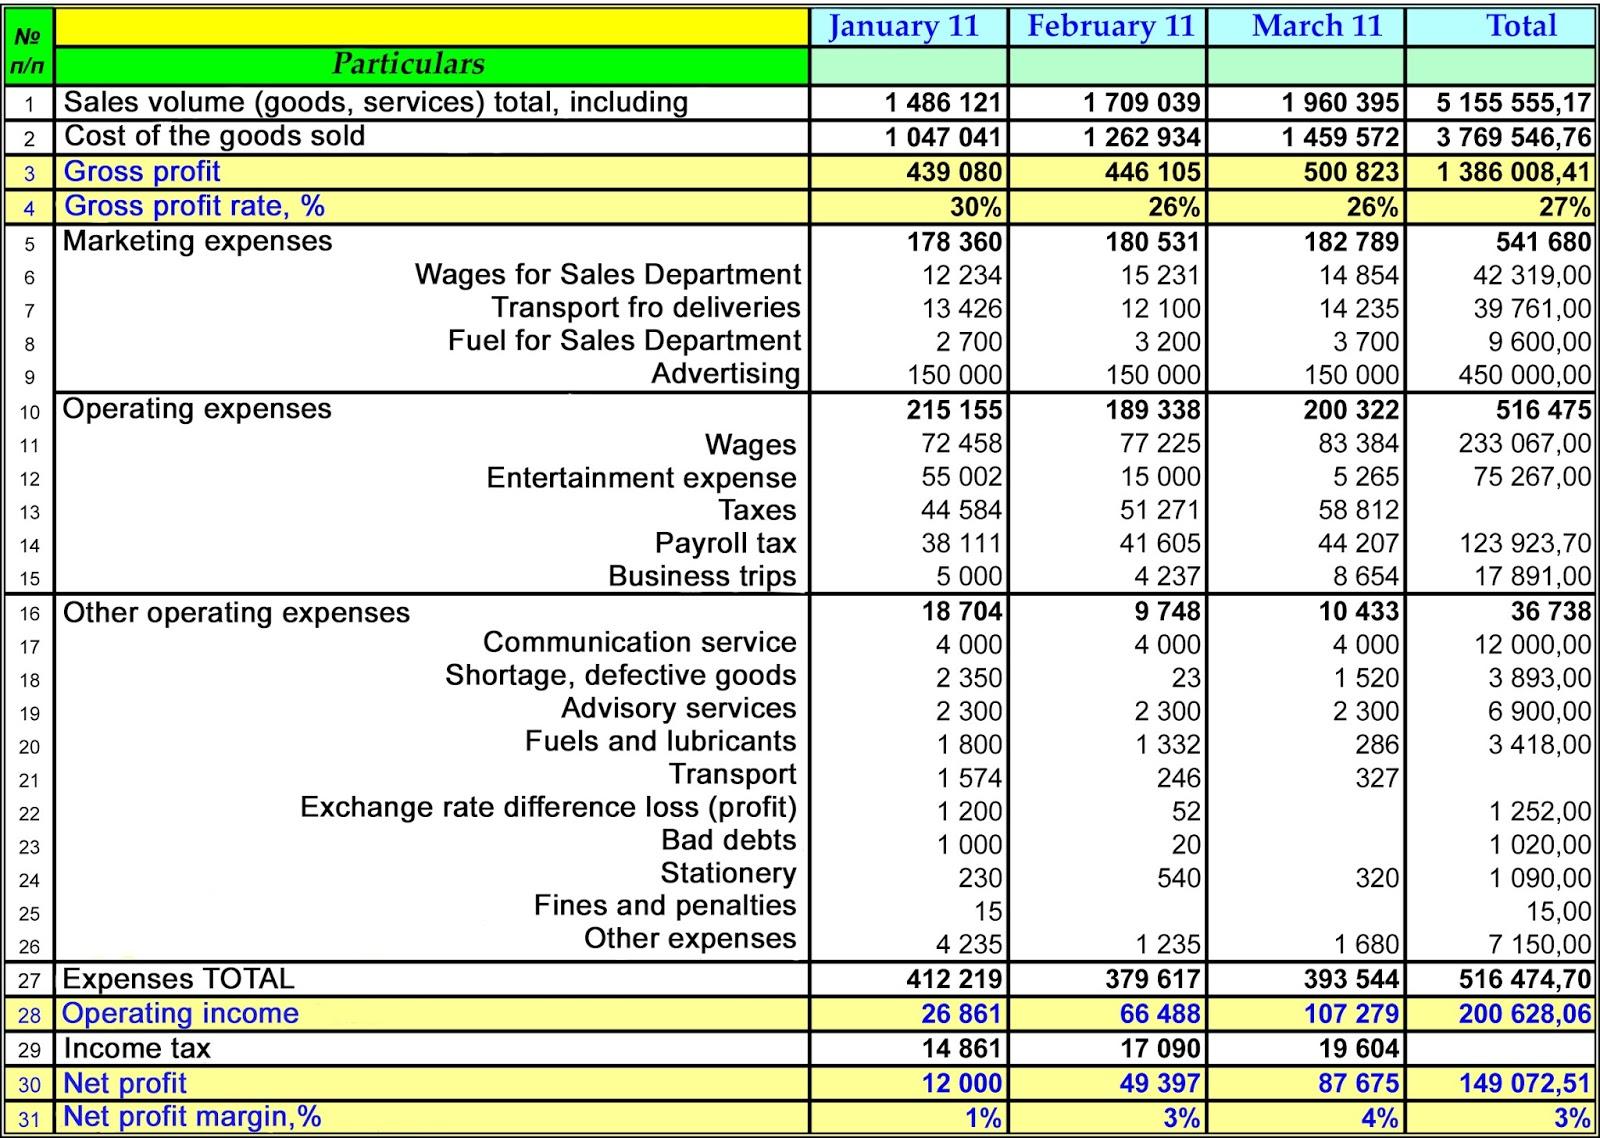 К внереализационным доходам по нк относятся: доходы от долевого участия в других организациях; доходы от операций с